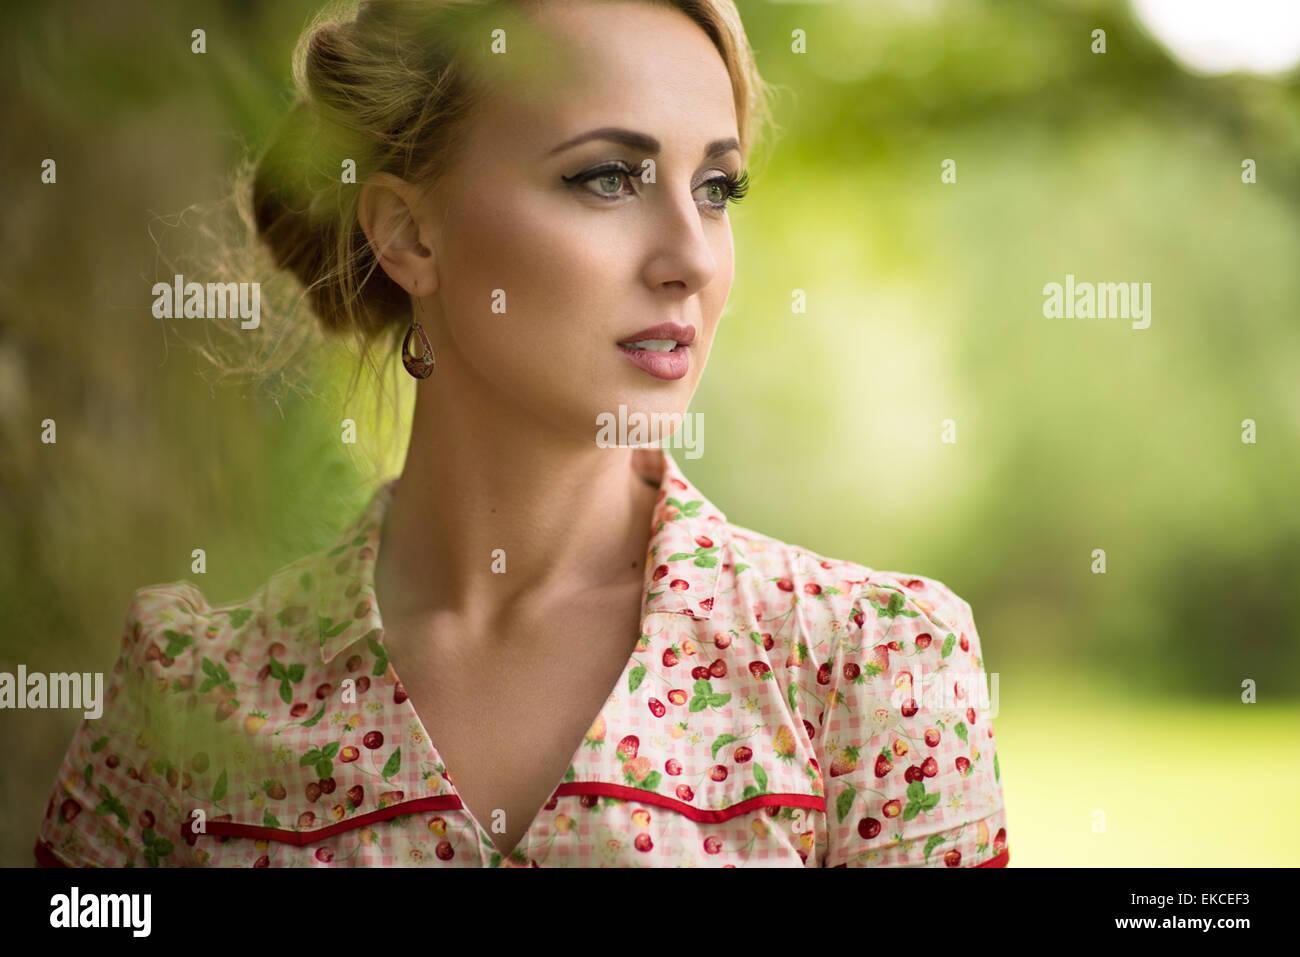 Ritratto di una giovane donna che guarda lontano Immagini Stock